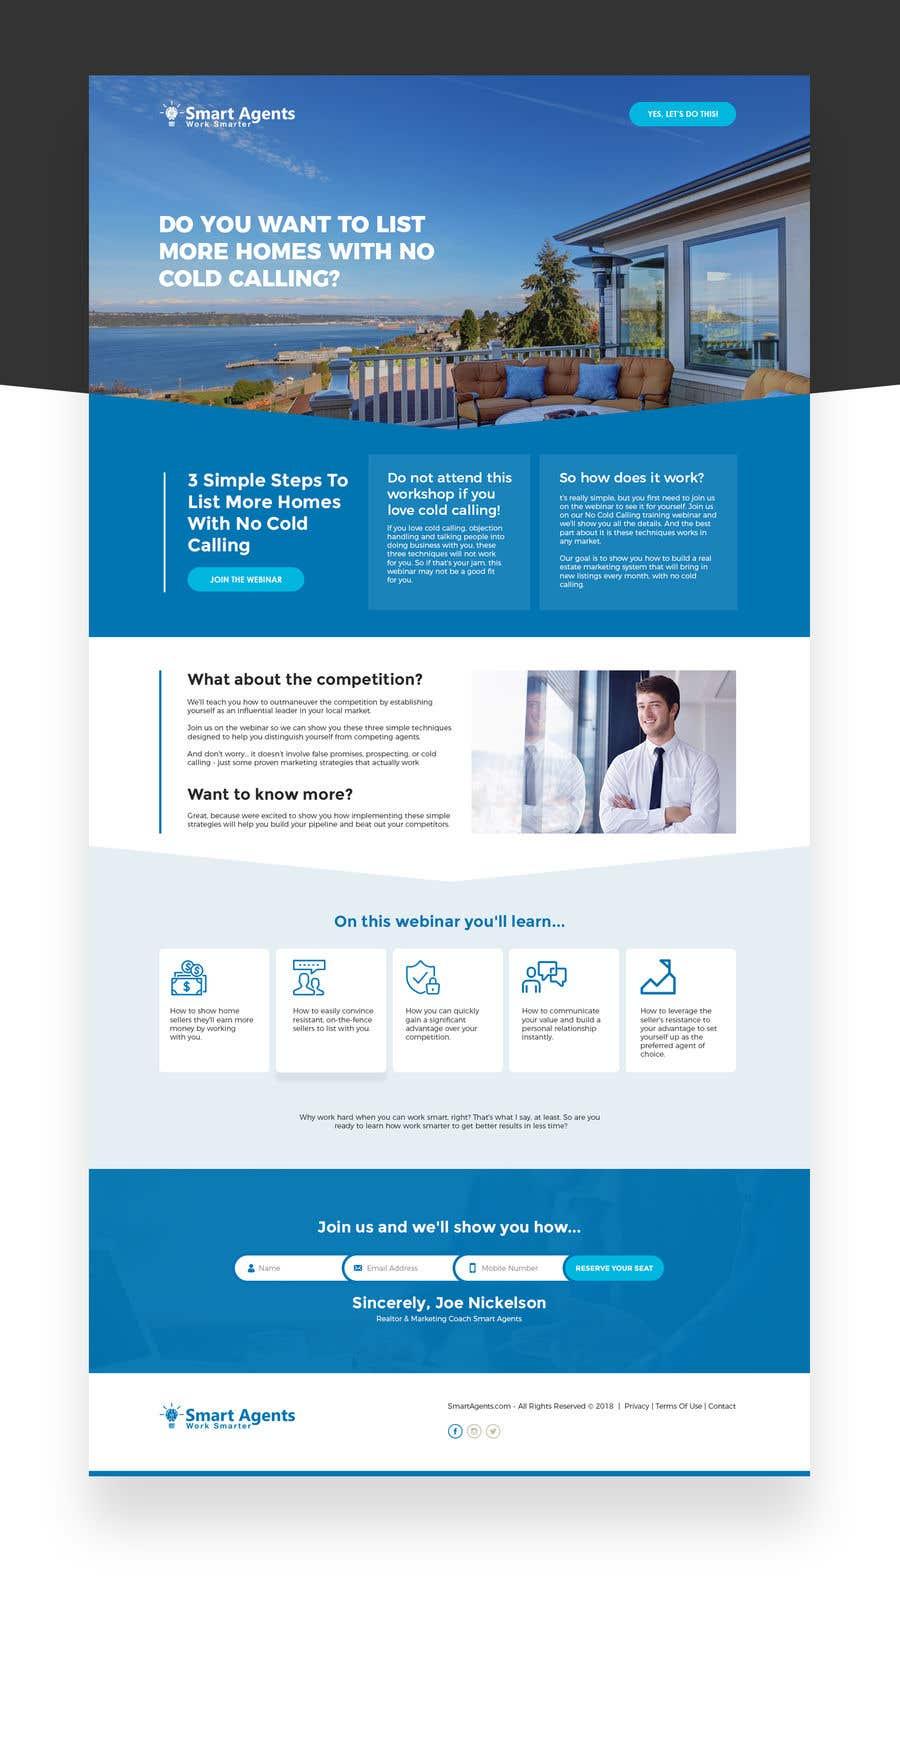 Penyertaan Peraduan #4 untuk Design Website Mockup for Webinar Registrations